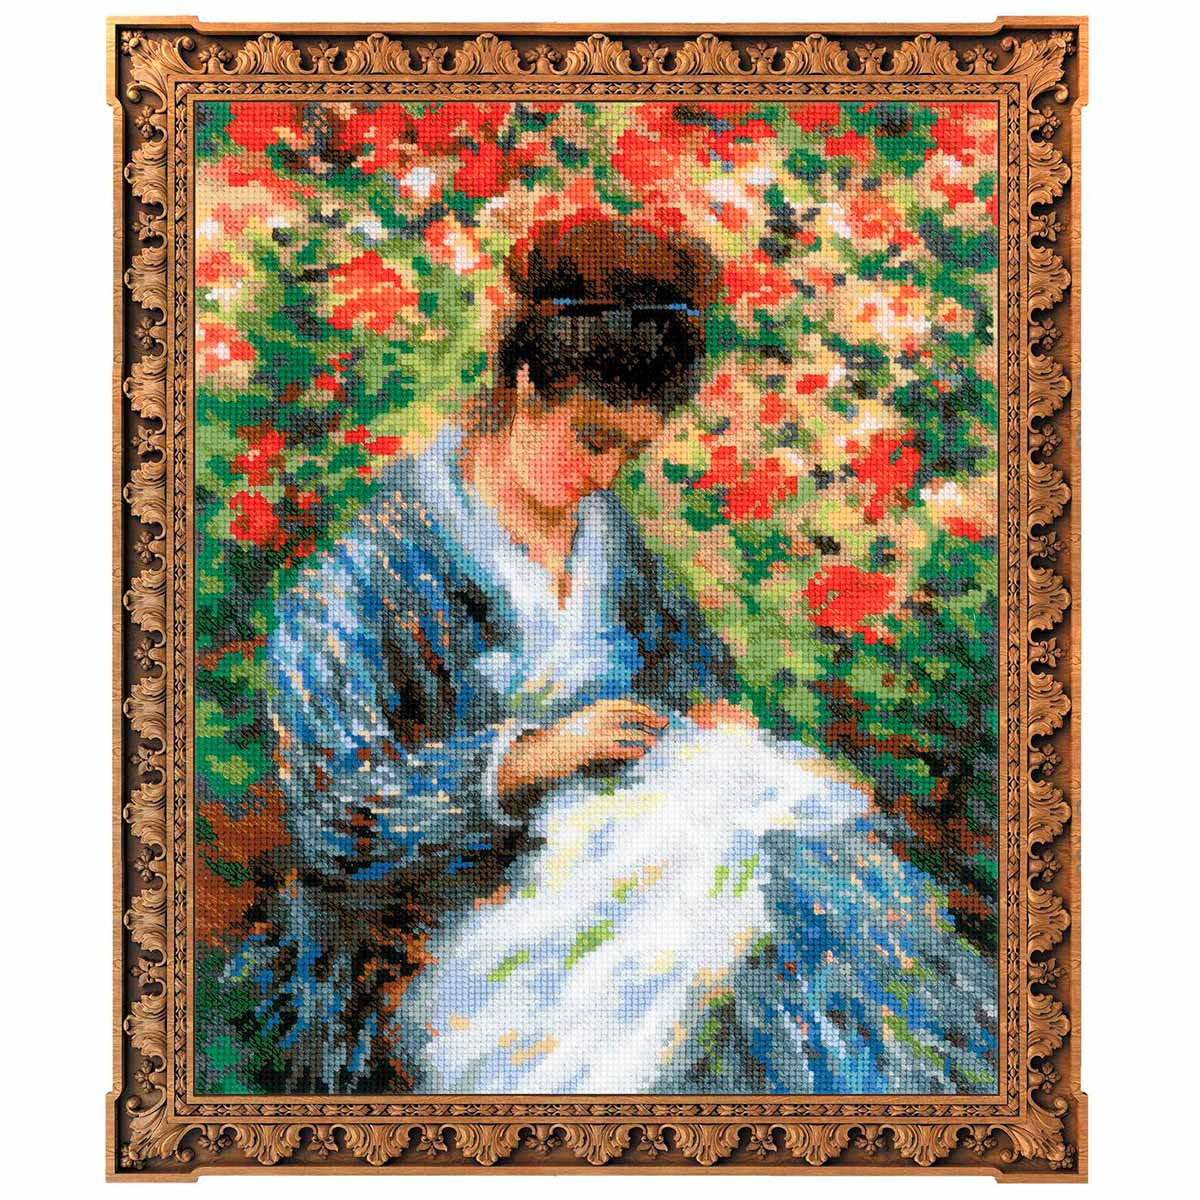 100/051 Набор для вышивания Riolis 'Мадам Моне за вышивкой', 24*30 см фото